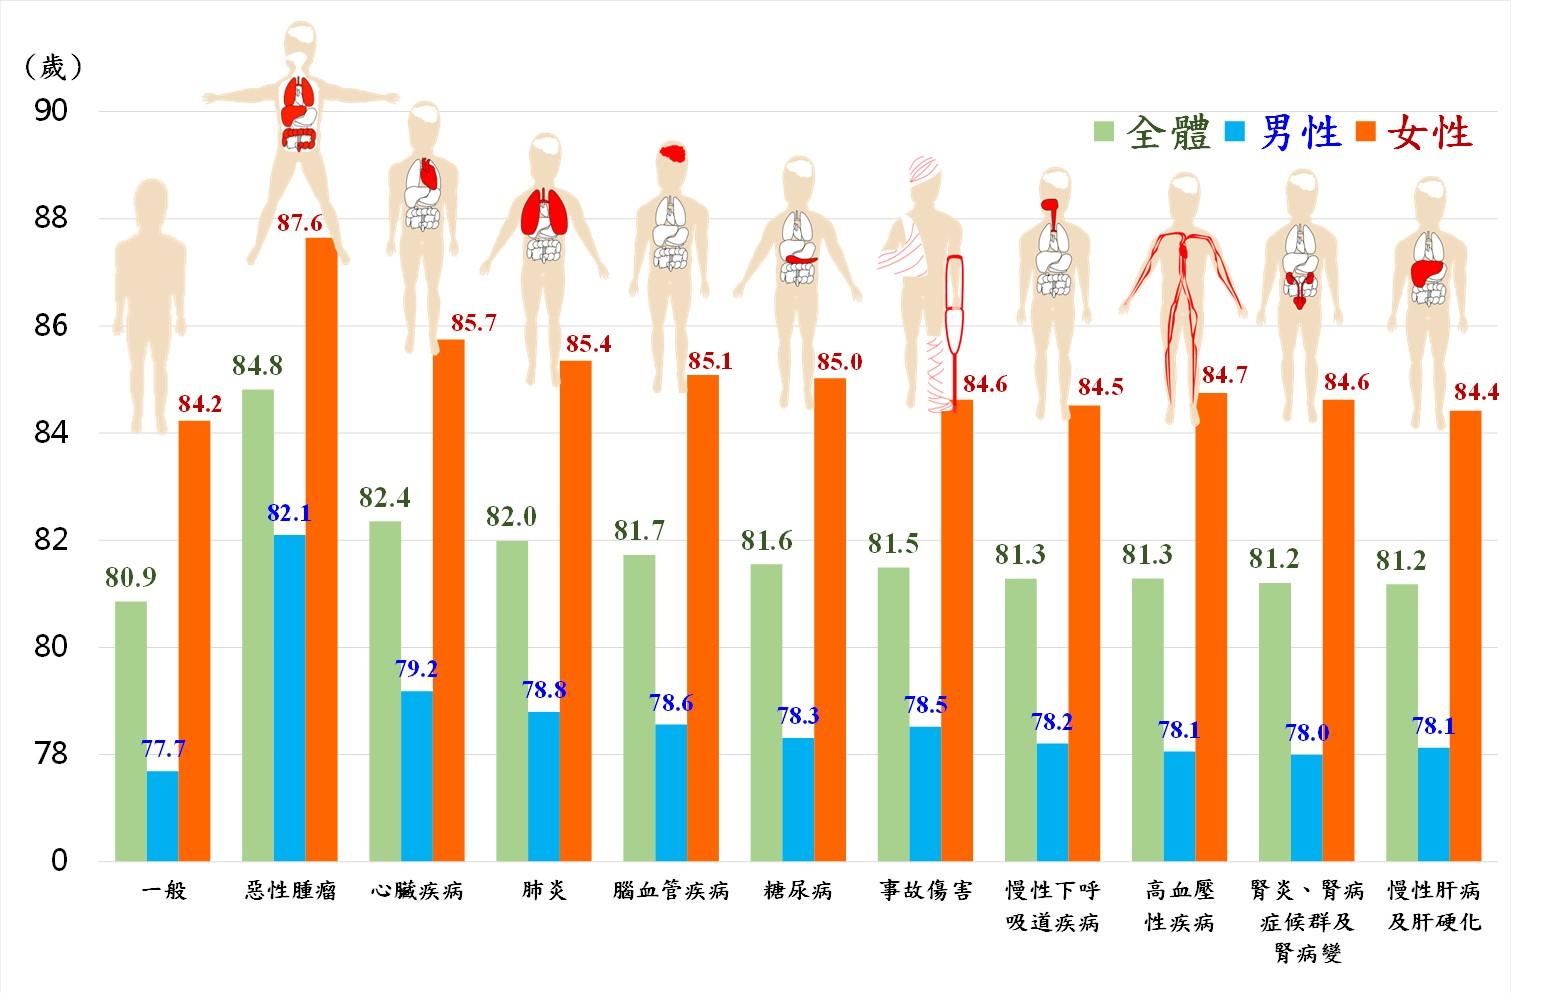 圖1:108年特定死因除外之平均壽命